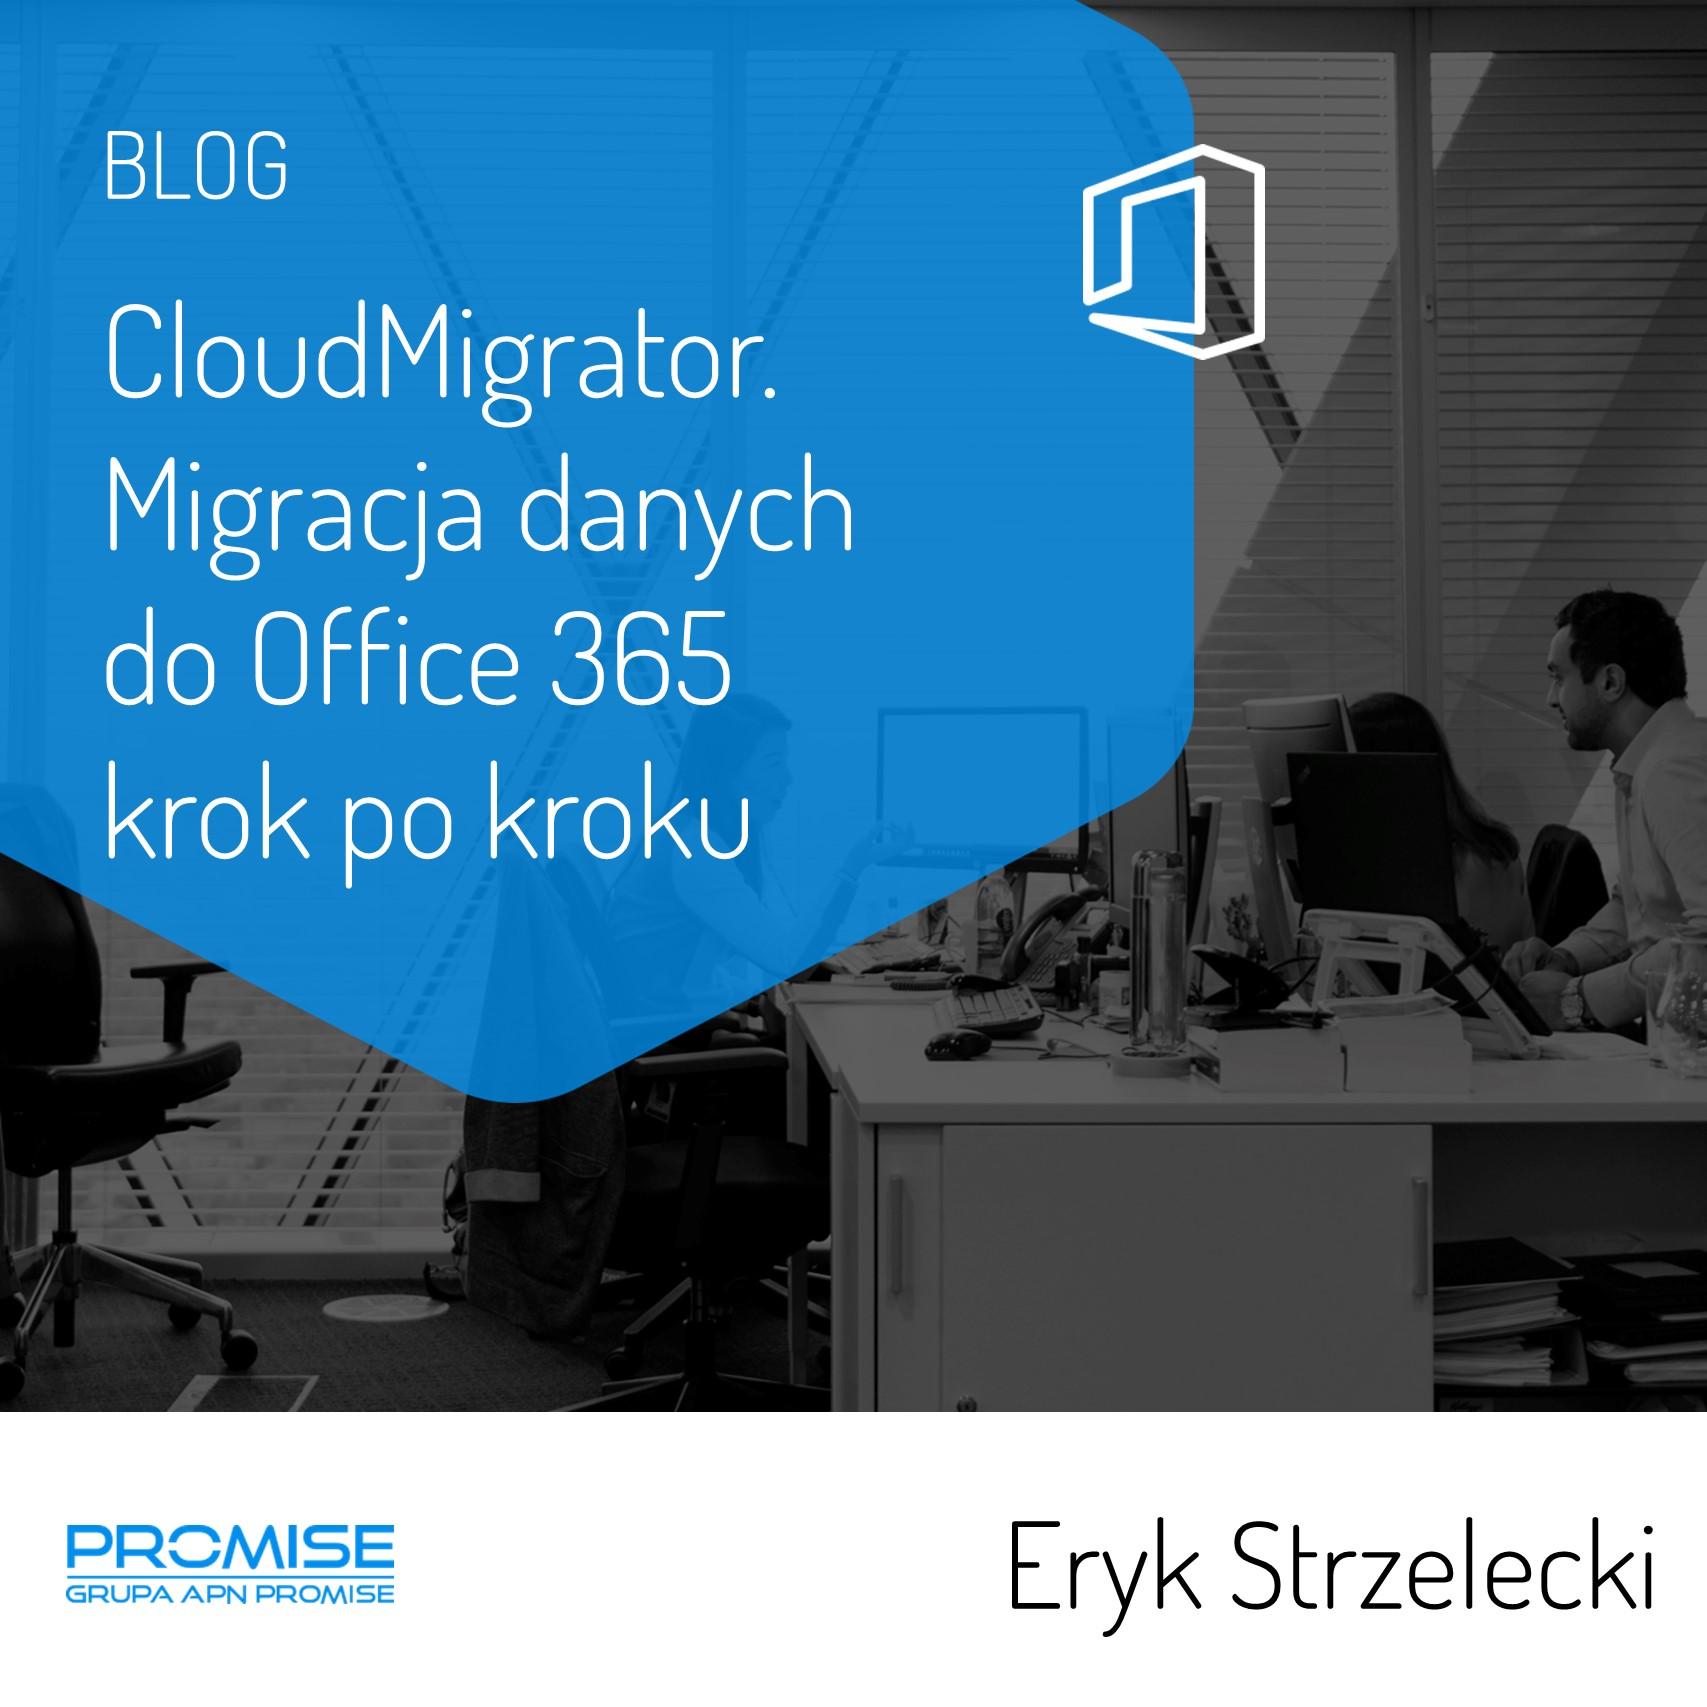 Cloud Migrator migracja do Office 365